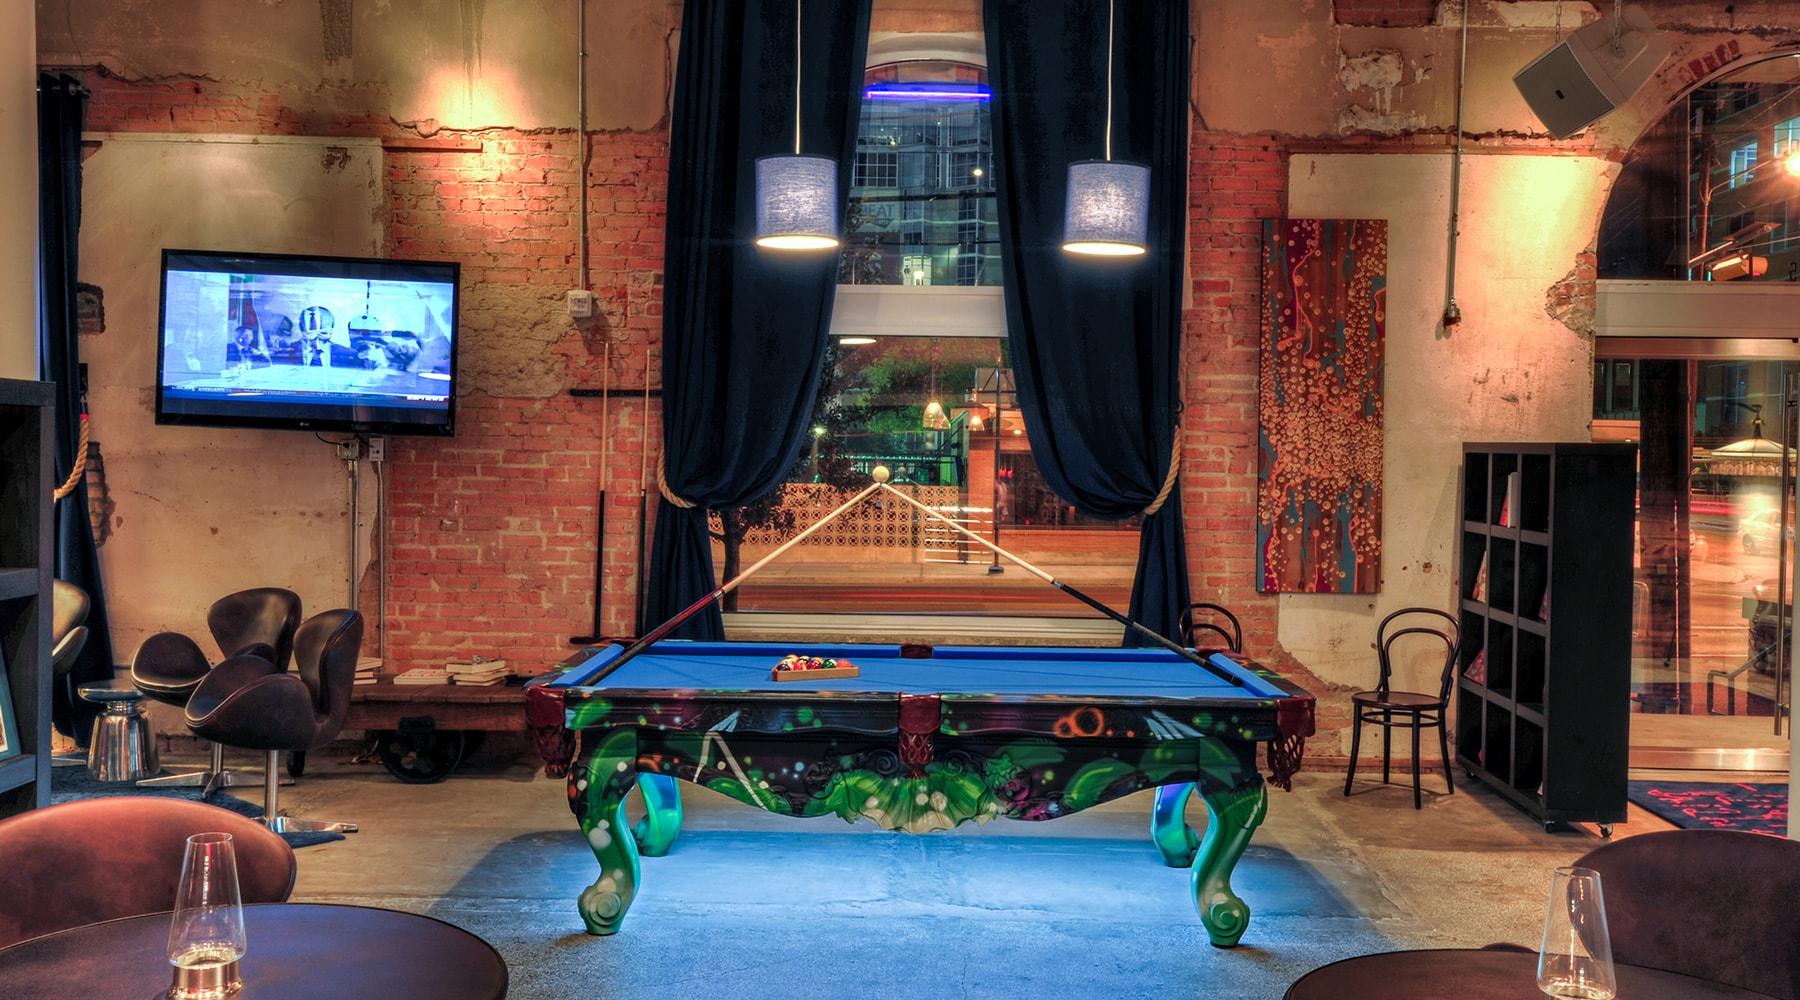 Art-Focused Hotel to Come to Dallas